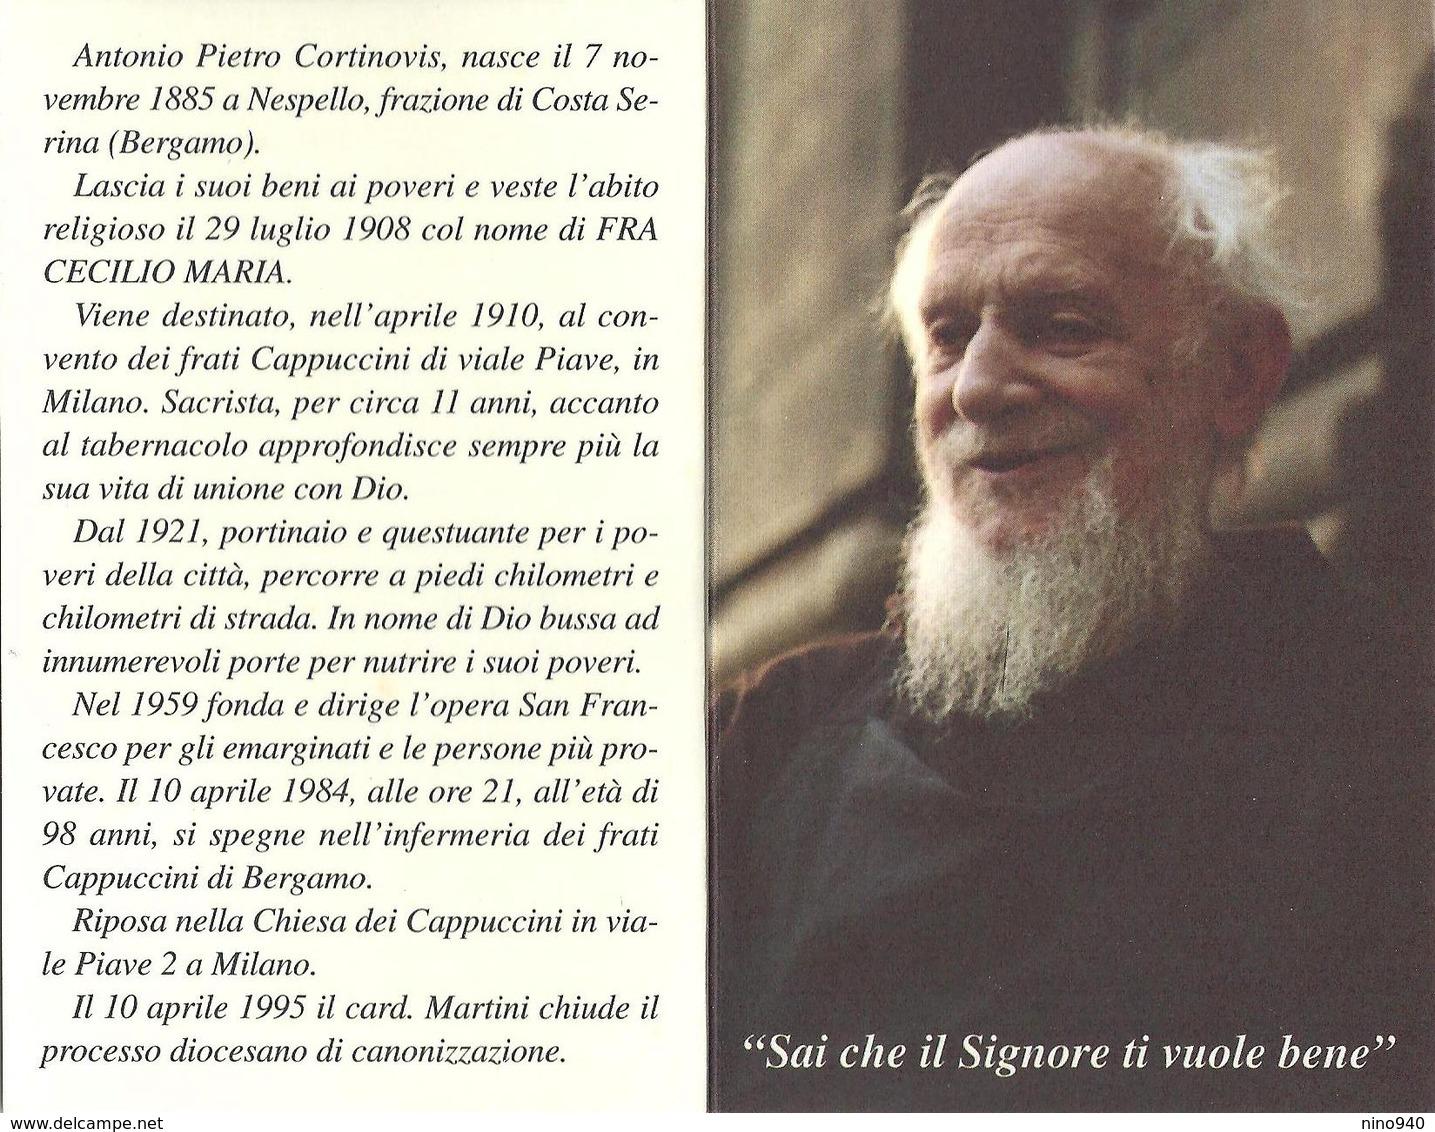 S.D.D. FRA CECILIO MARIA - CON RELIQUIA - A - Mm. 70 X 110 - Religione & Esoterismo